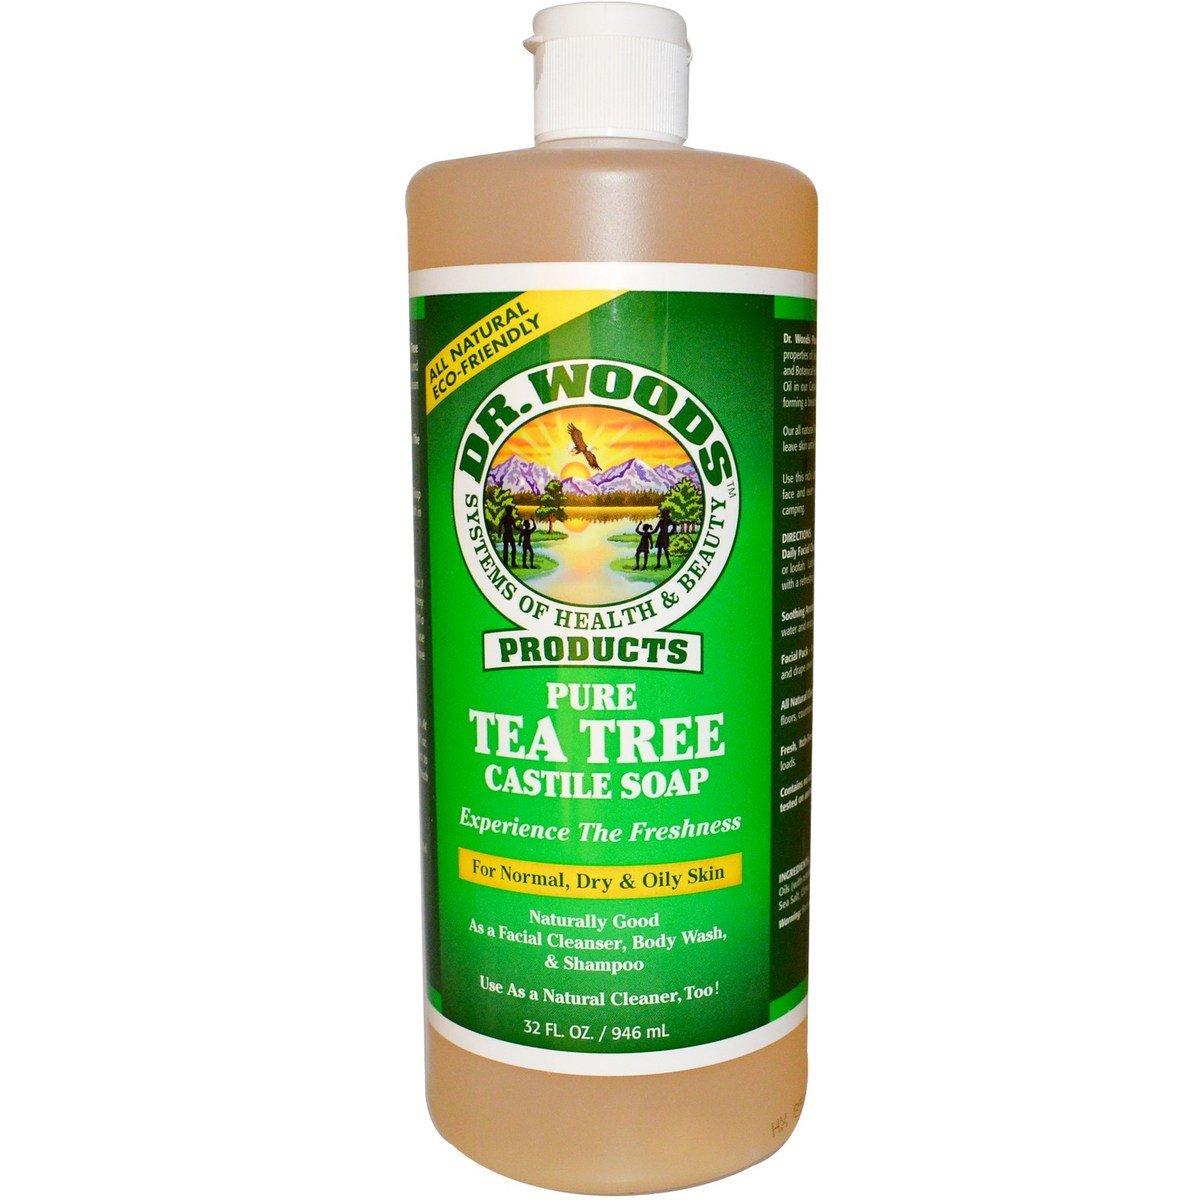 全天然純茶樹皂液(含有機乳木果油)